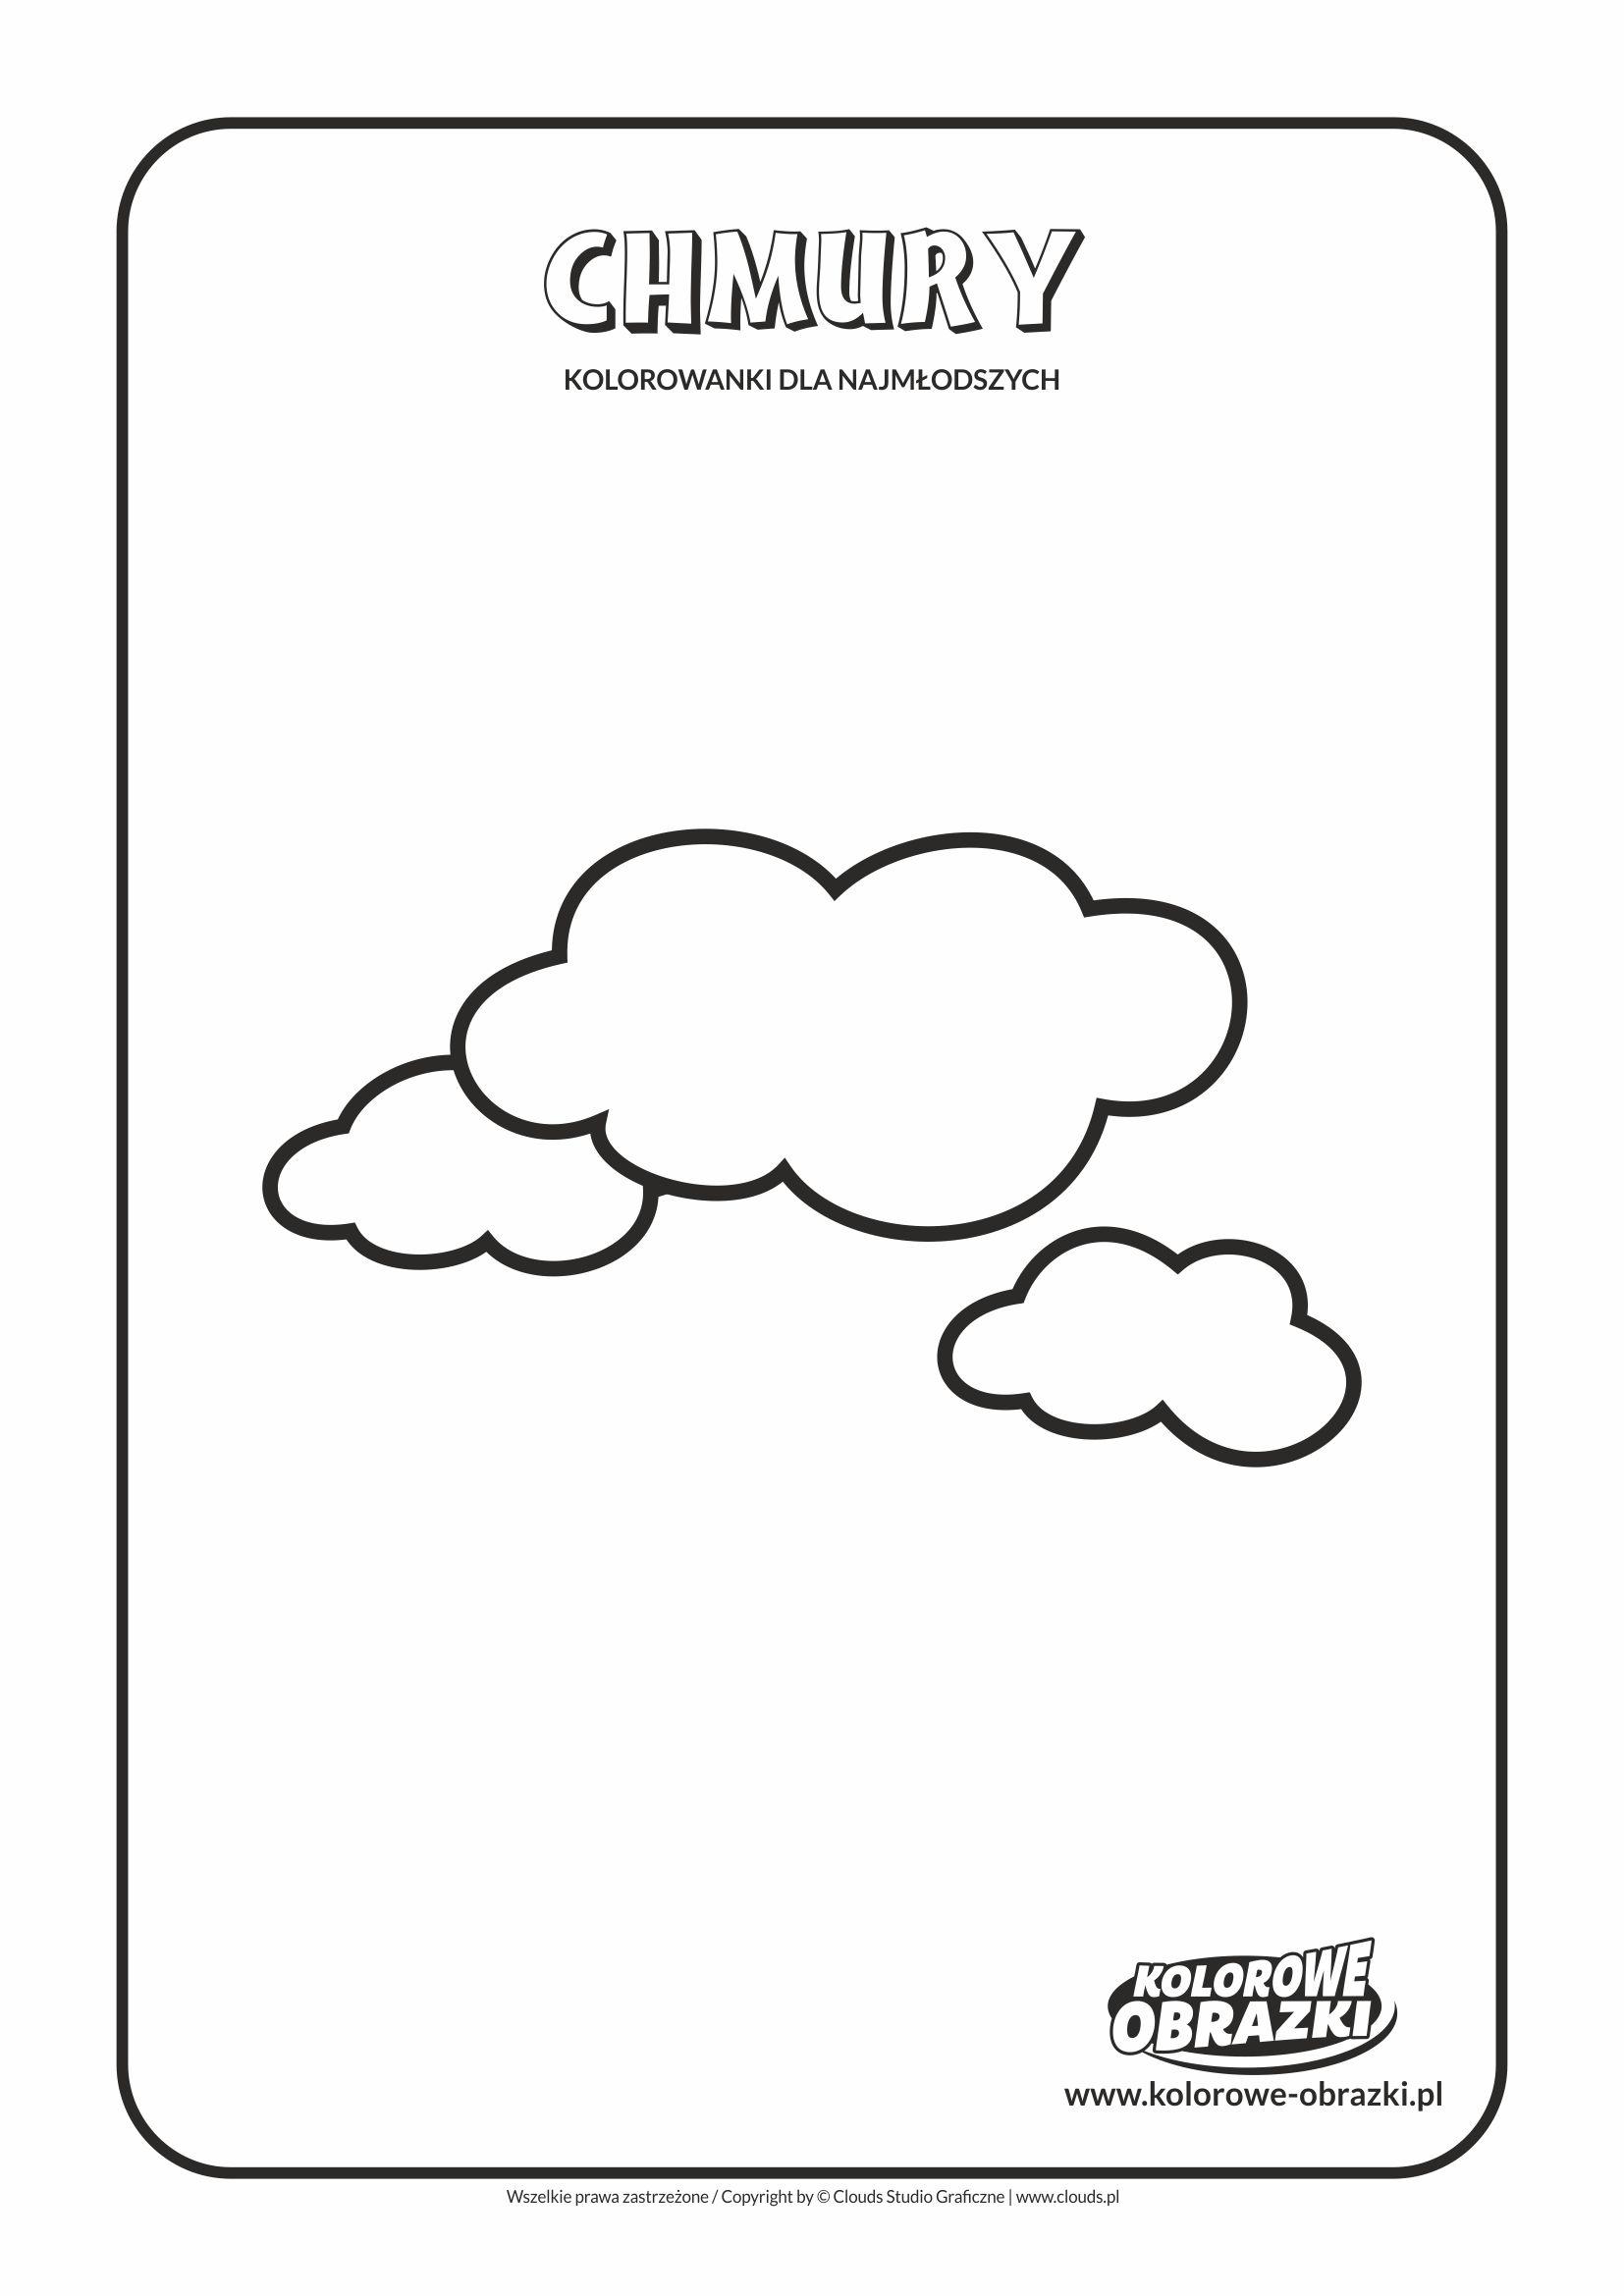 Proste kolorowanki dla najmłodszych - Kształty / Chmury. Kolorowanka z chmurami